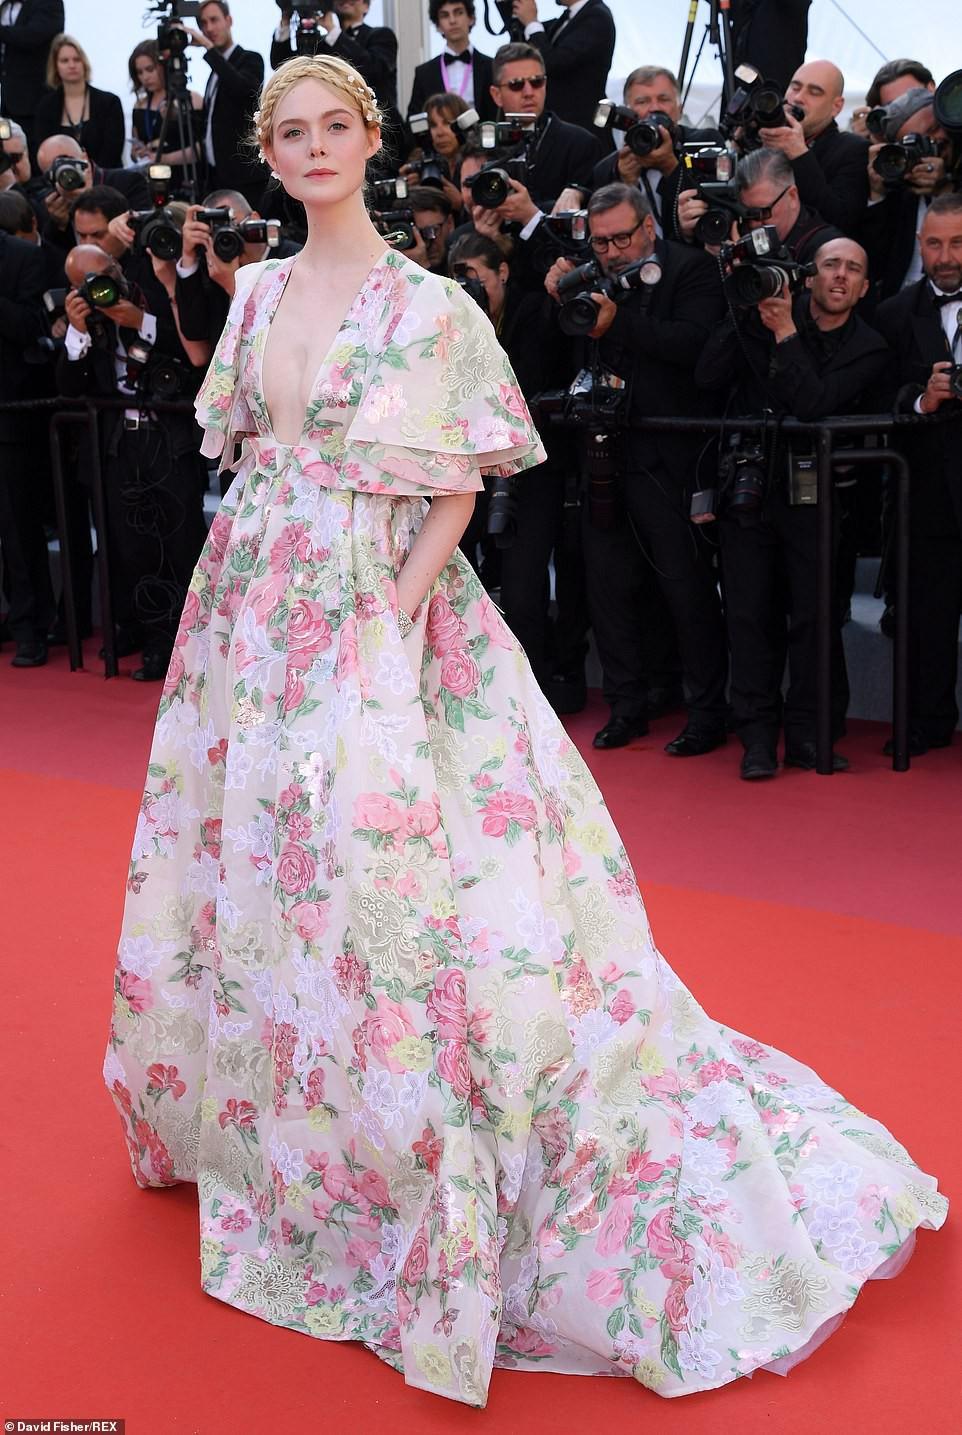 Thảm đỏ Cannes ngày 2: Thiên thần Victorias Secret suýt lộ hàng, Phạm Băng Băng Thái Lan xinh như tiên tử - Ảnh 16.